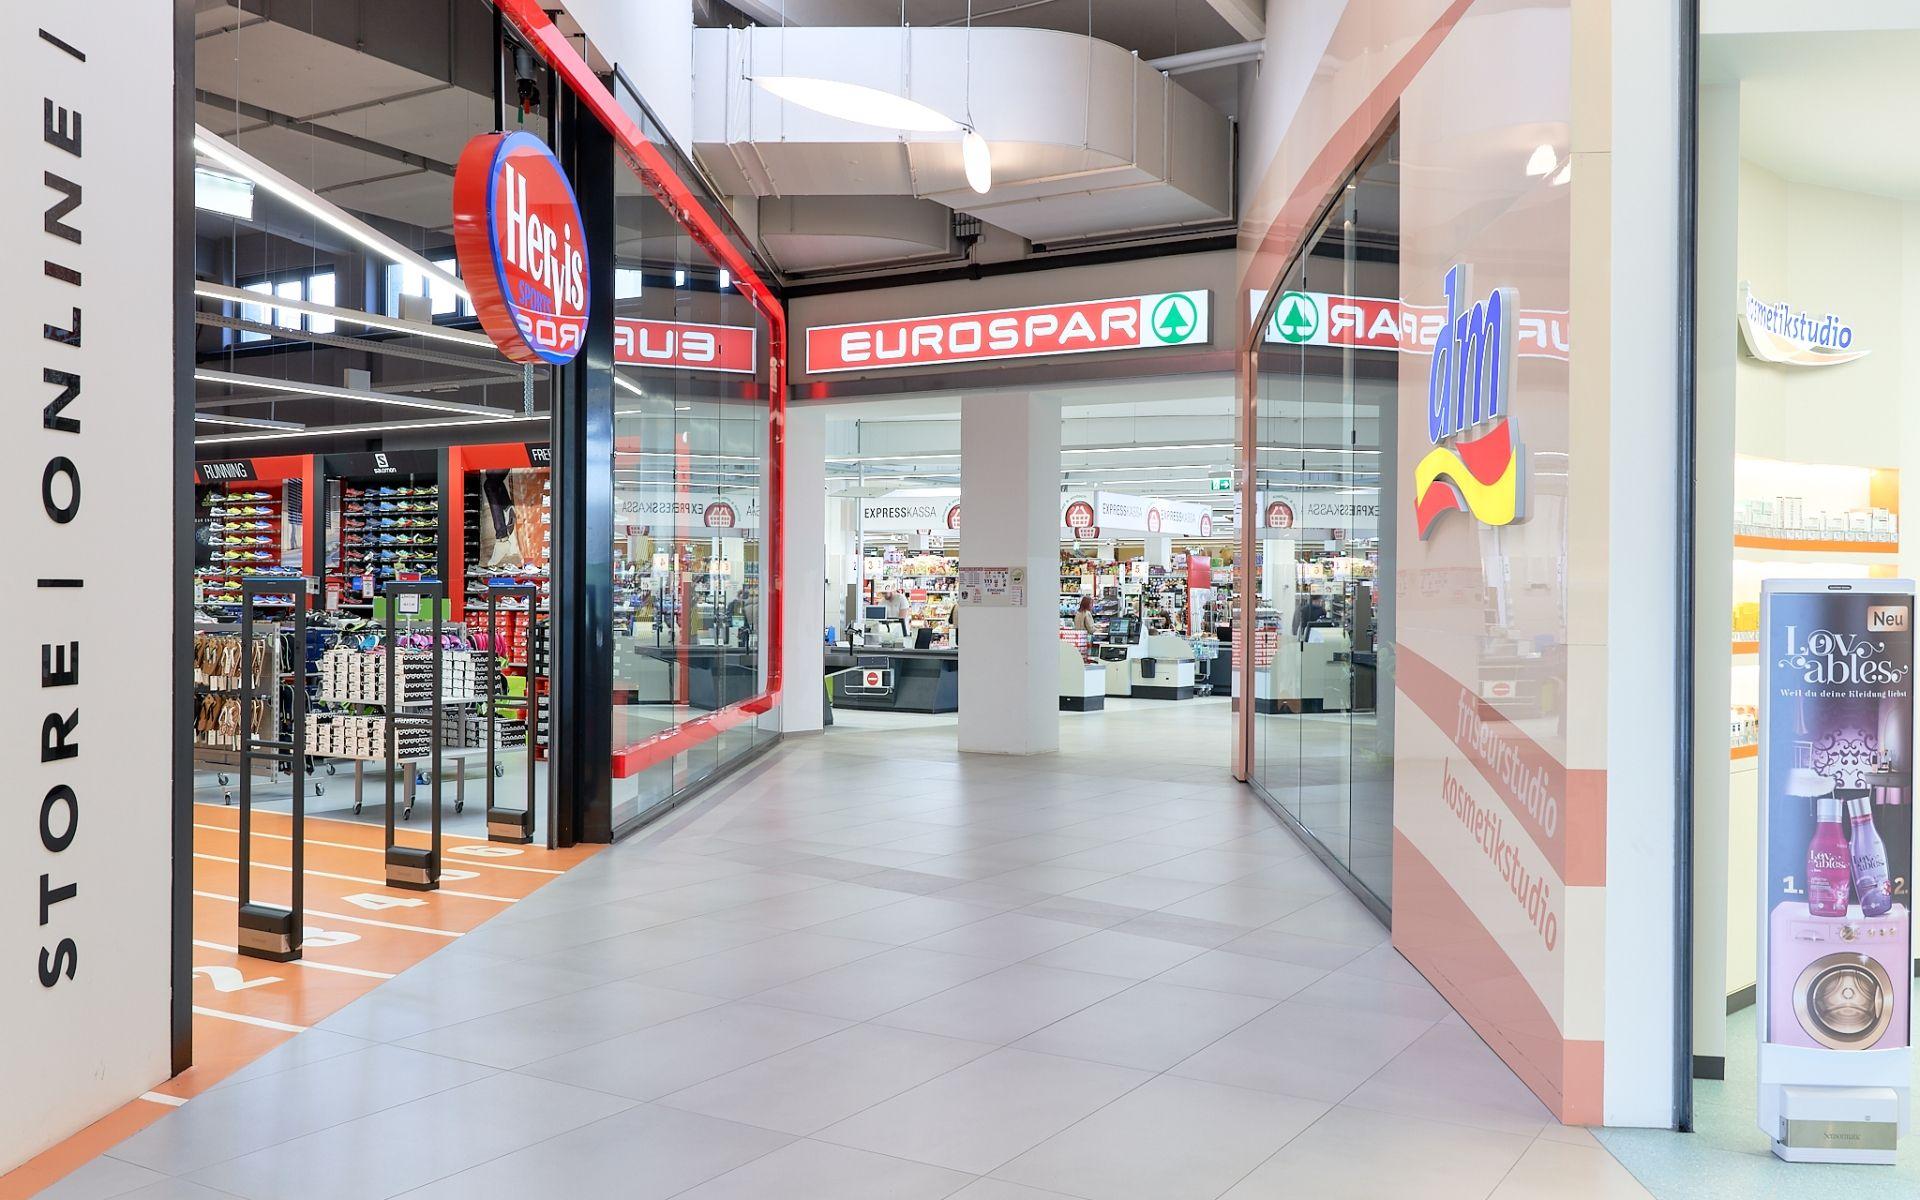 Shopping Sportpassage Wiener Neustadt